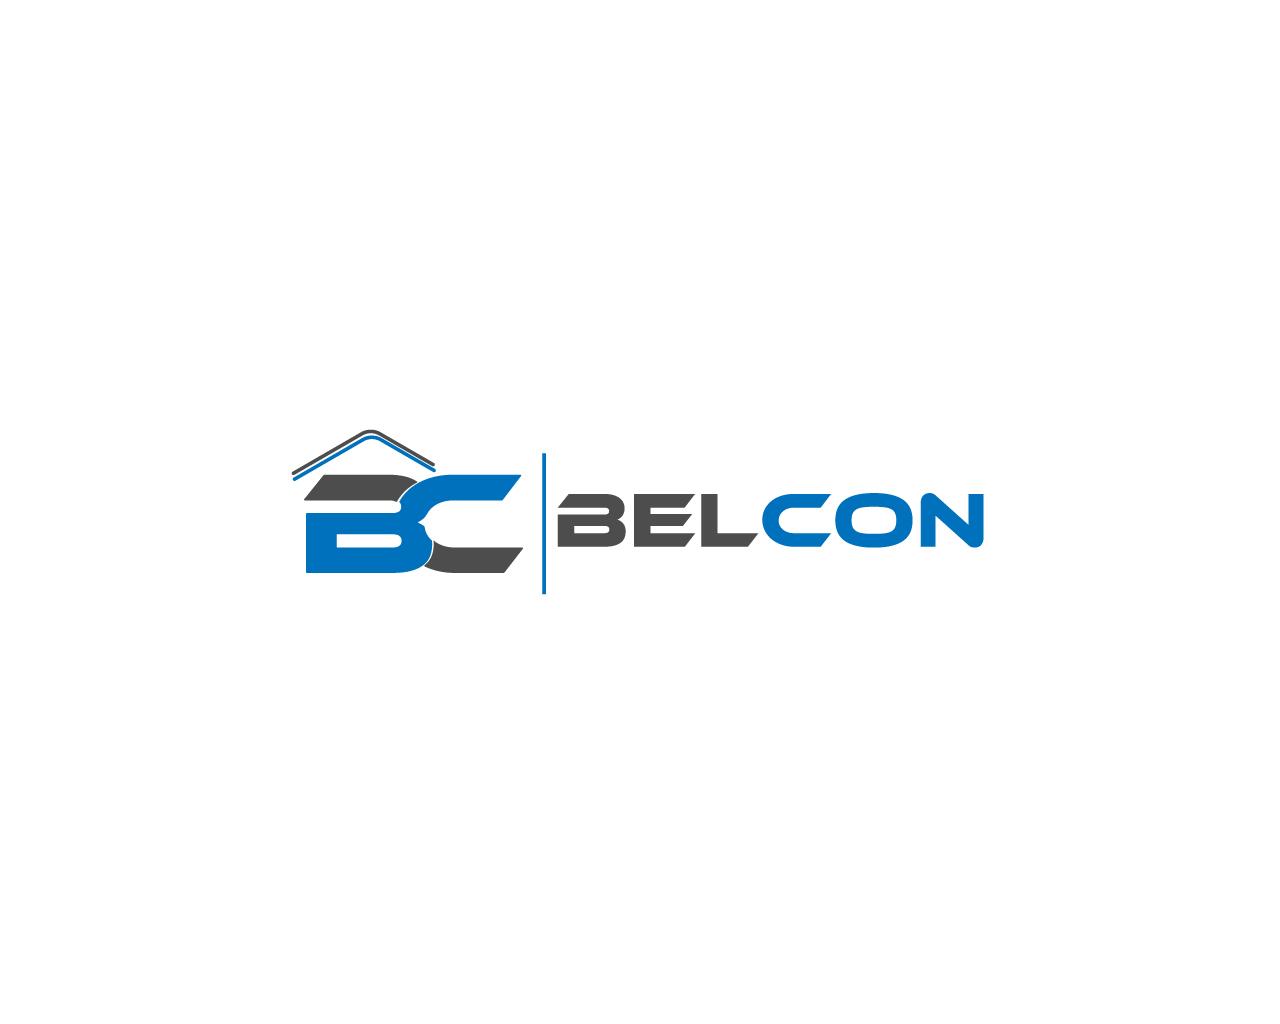 Belcon